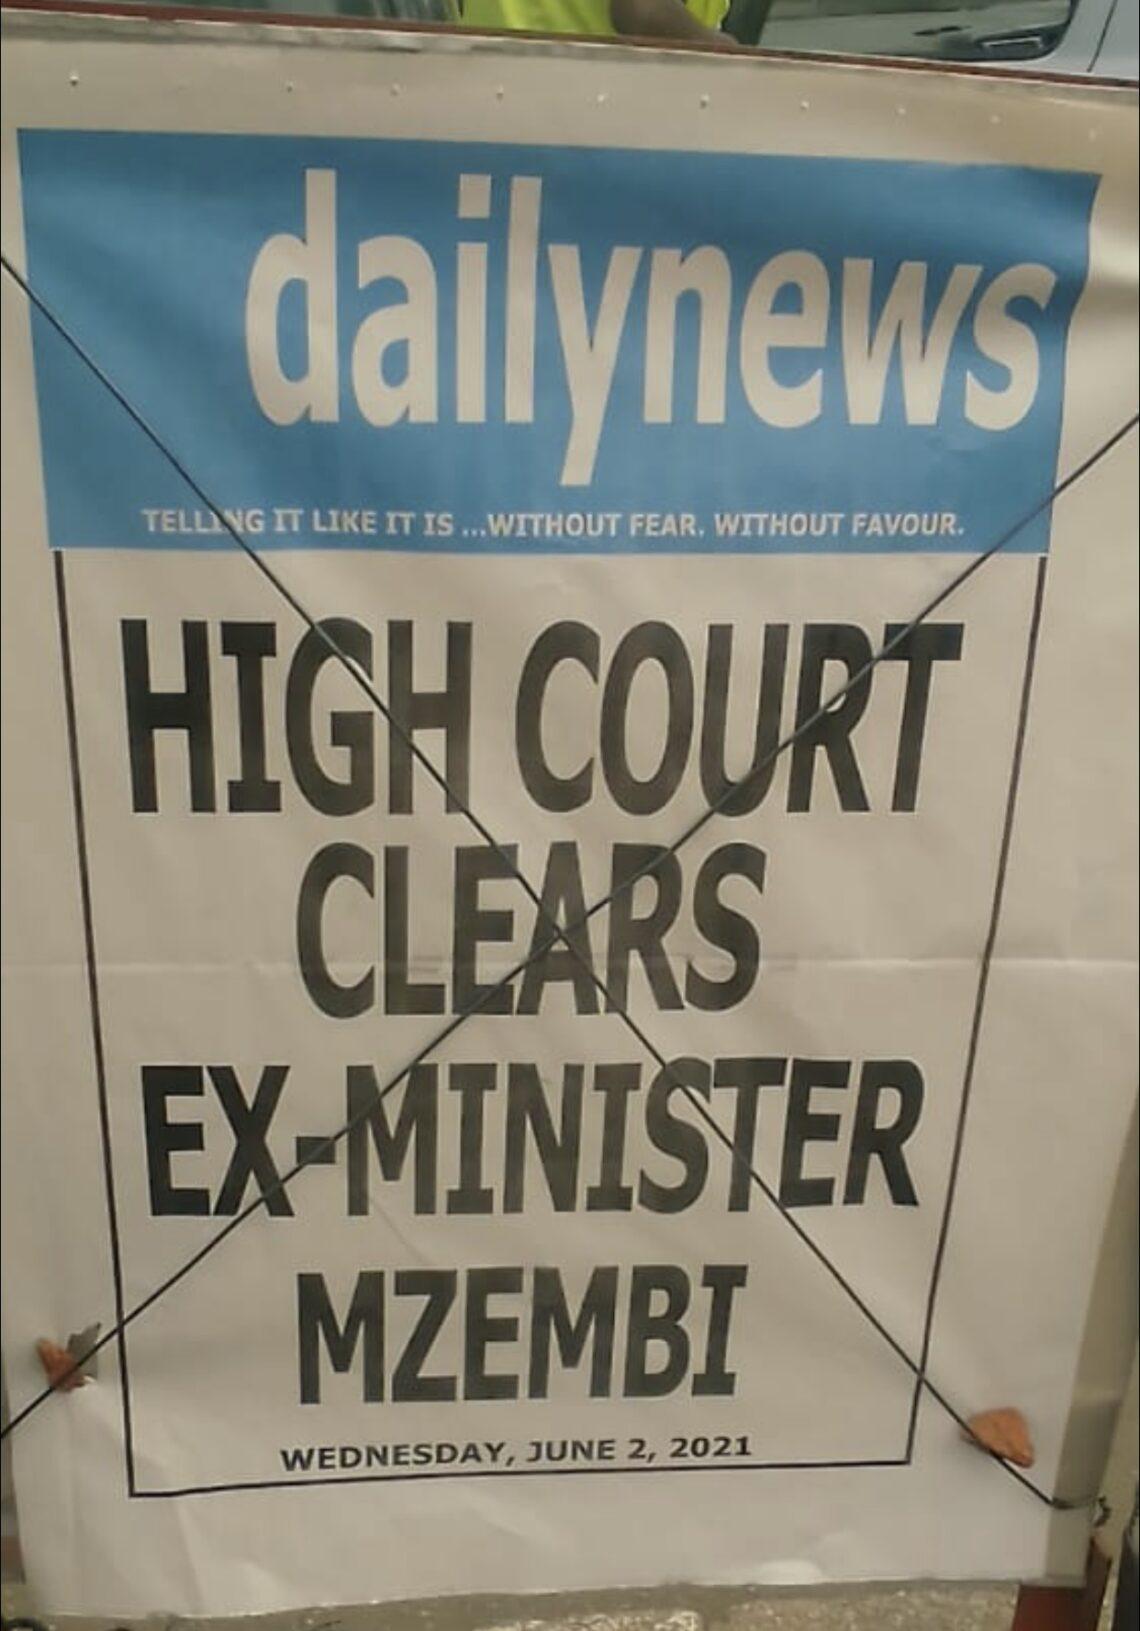 Ny minisitry ny fizahantany teo aloha Dr. Walter Mzembi dia tsy meloka tamin'ny fikarohana haza lambo nataon'ny UNWTO General Assembly tany Zimbabwe